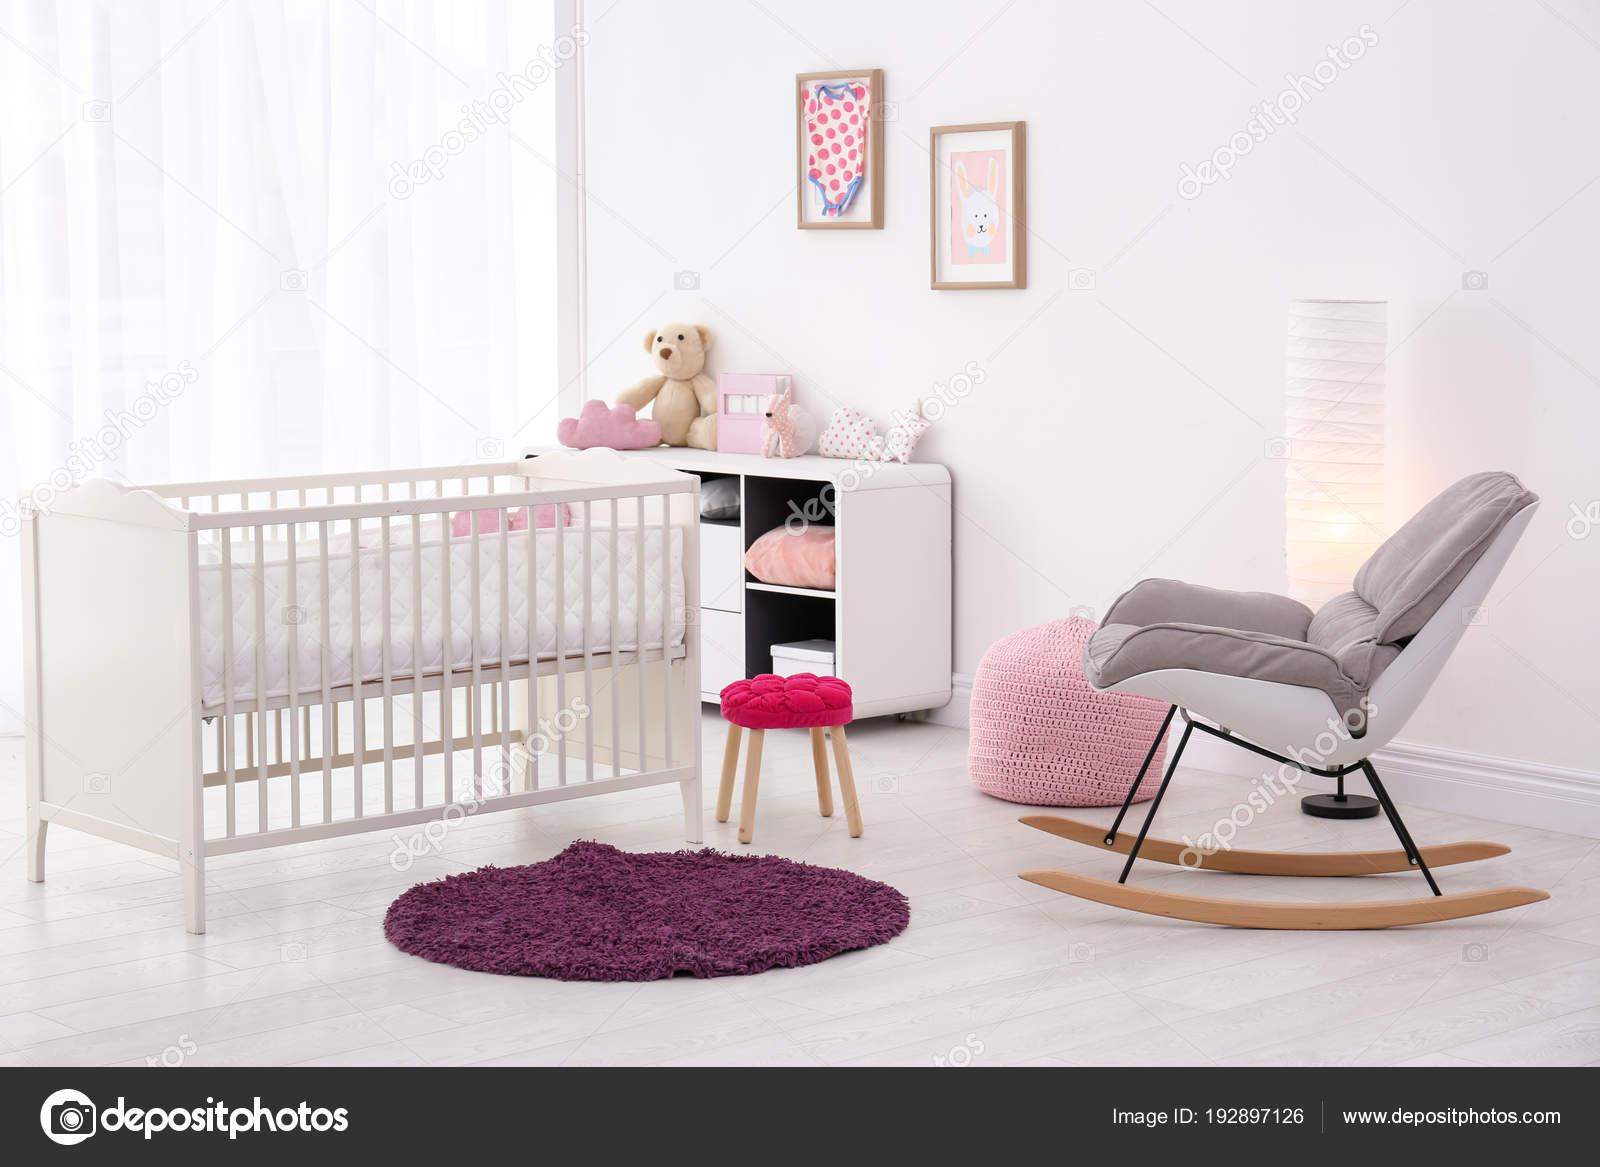 Lit Confortable Bébé Chaise Avec Berçante Intérieur Chambre Et 0OPwnk